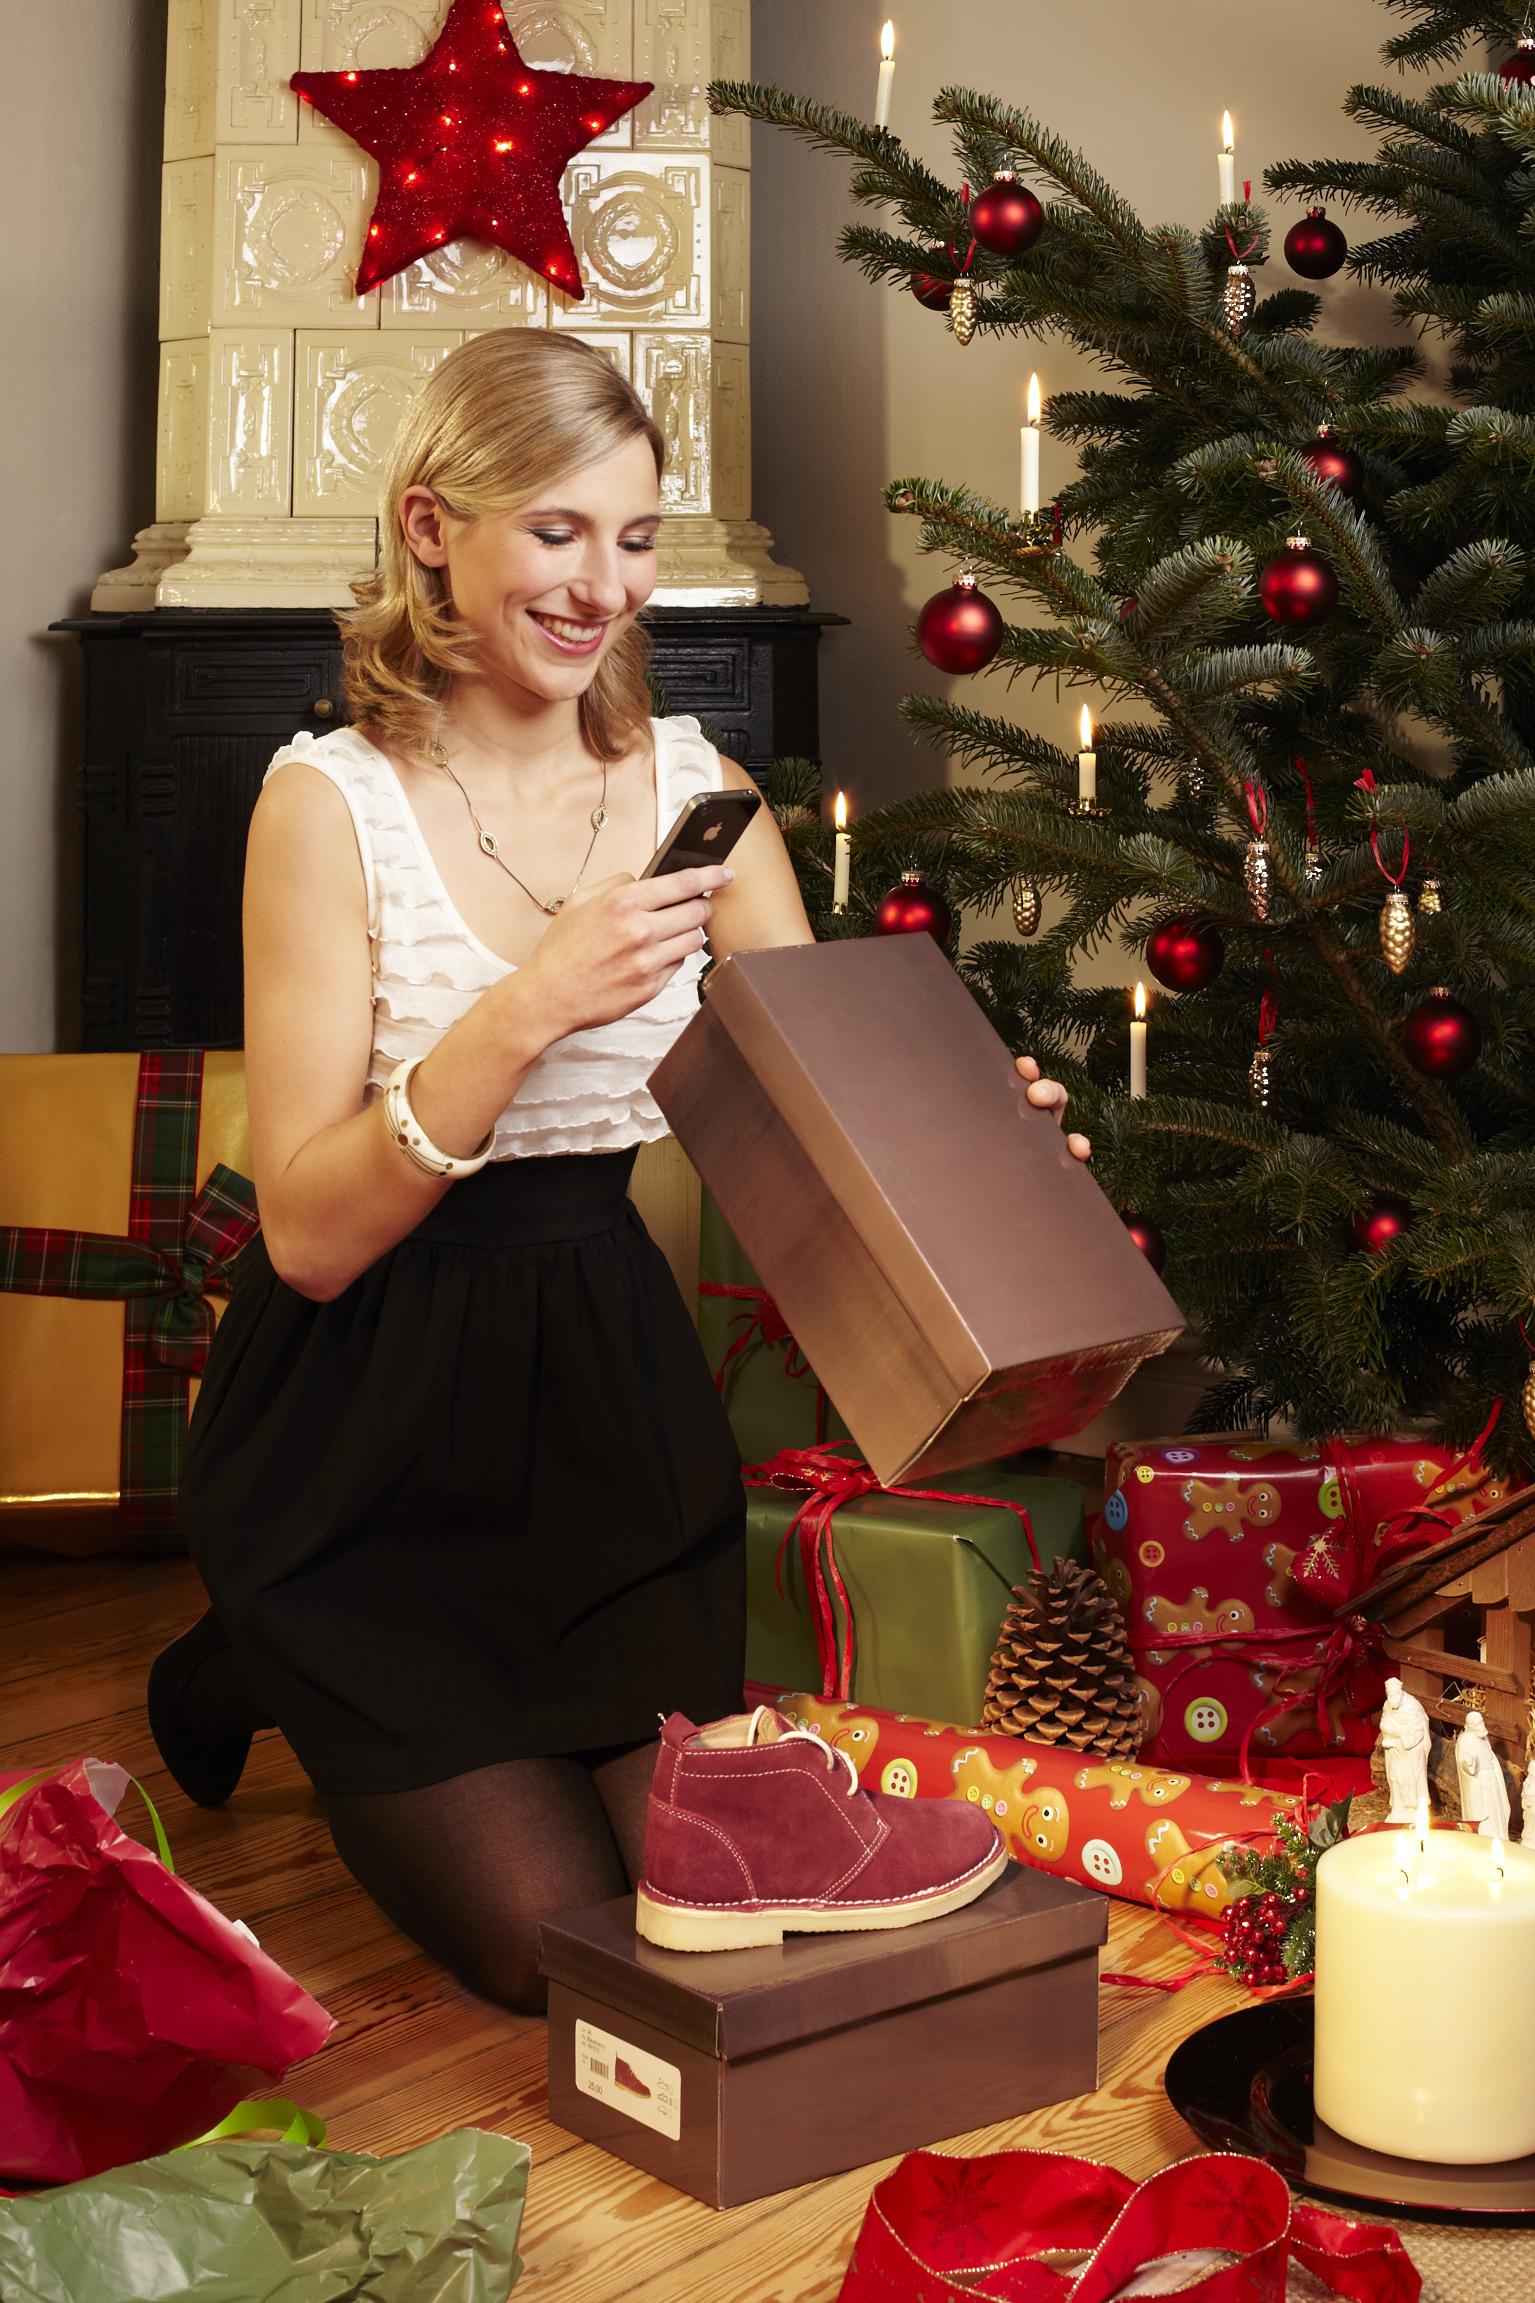 Die Schlechtesten Weihnachtsgeschenke.Ungeliebte Weihnachtsgeschenke Im Wert Von 707 2 Millionen Euro